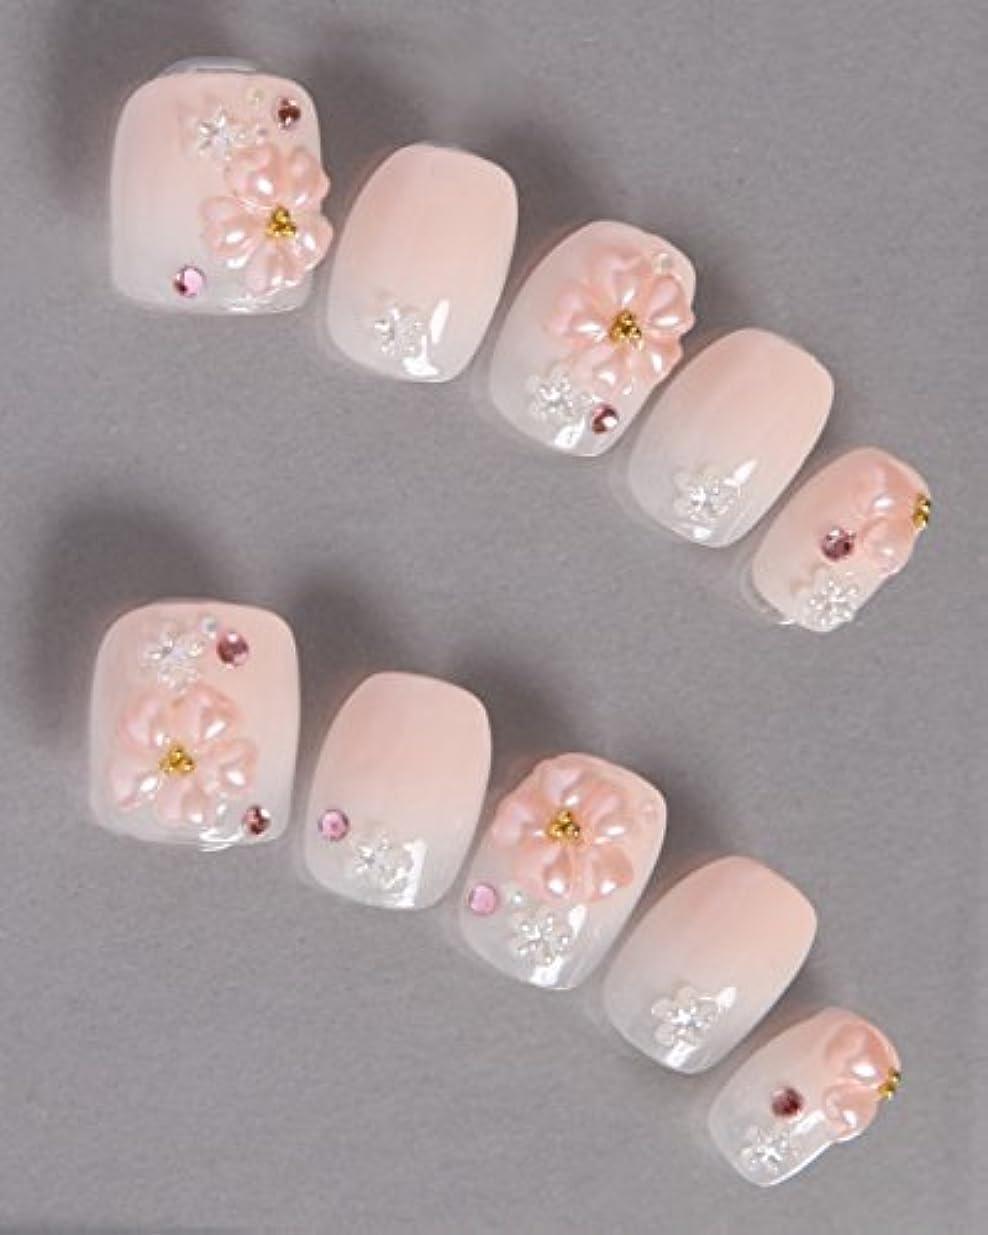 サーカス無謀アルファベットゆずネイル|ネイルチップ 薄ピンク 桜?梅 ガーリー 春 着物(A10036-Q-CCP)